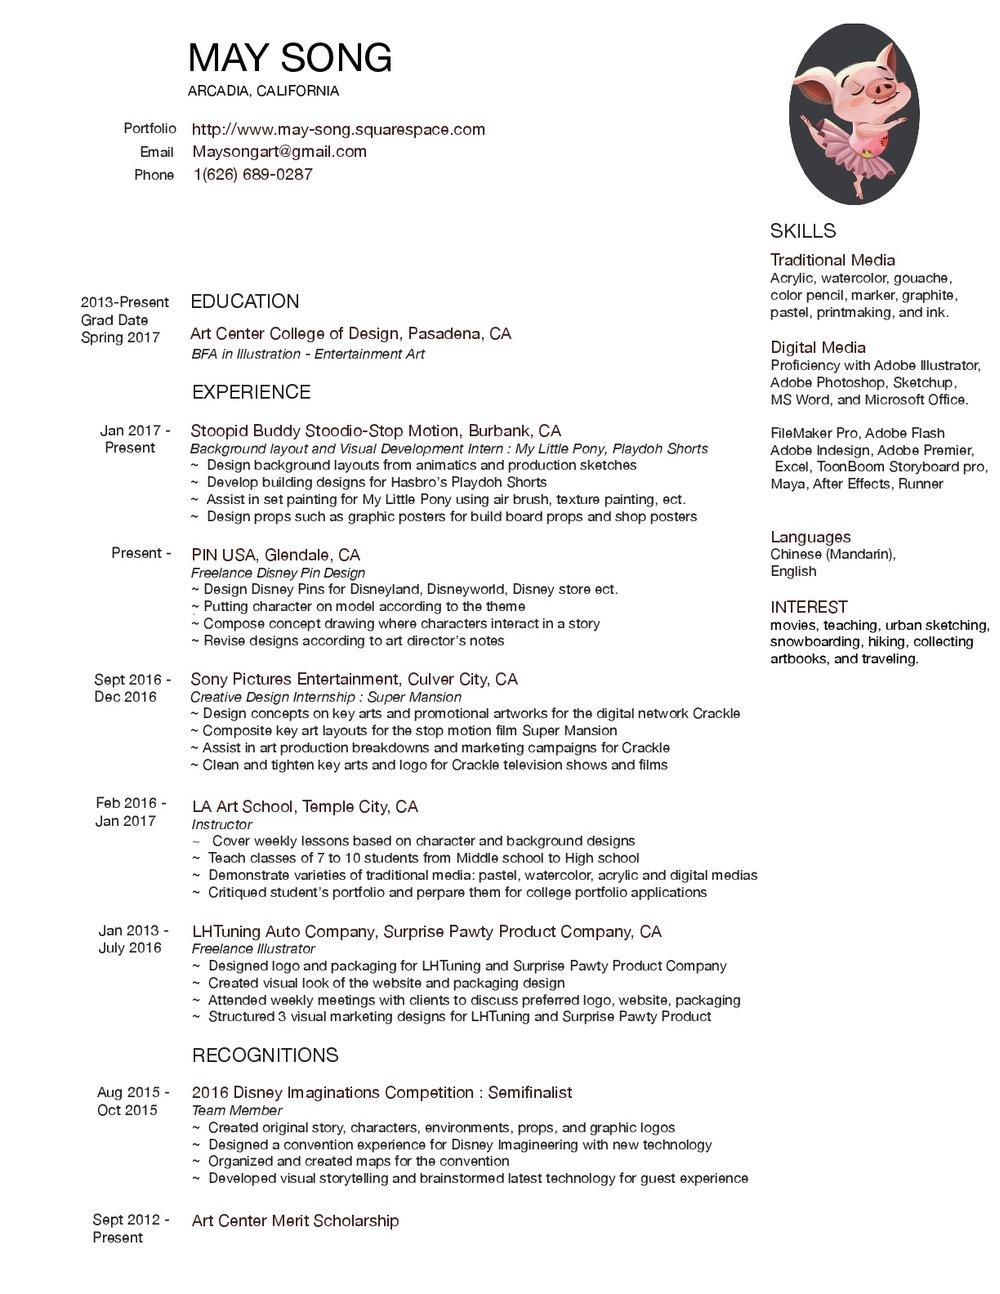 resume may song